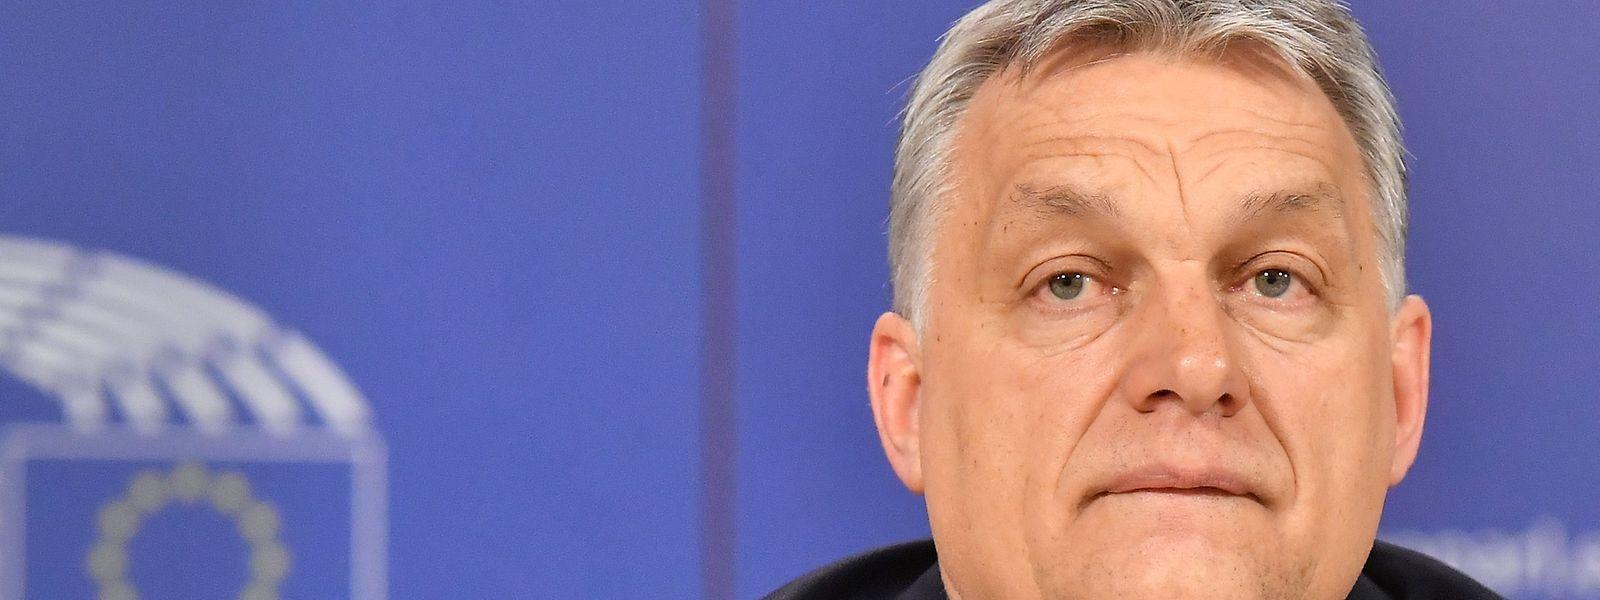 Le Premier ministre hongrois Victor Orban lors d'une conférence de presse consécutive à un meeting du Parti populaire européen, au parlement européen de Bruxelles, mercredi.